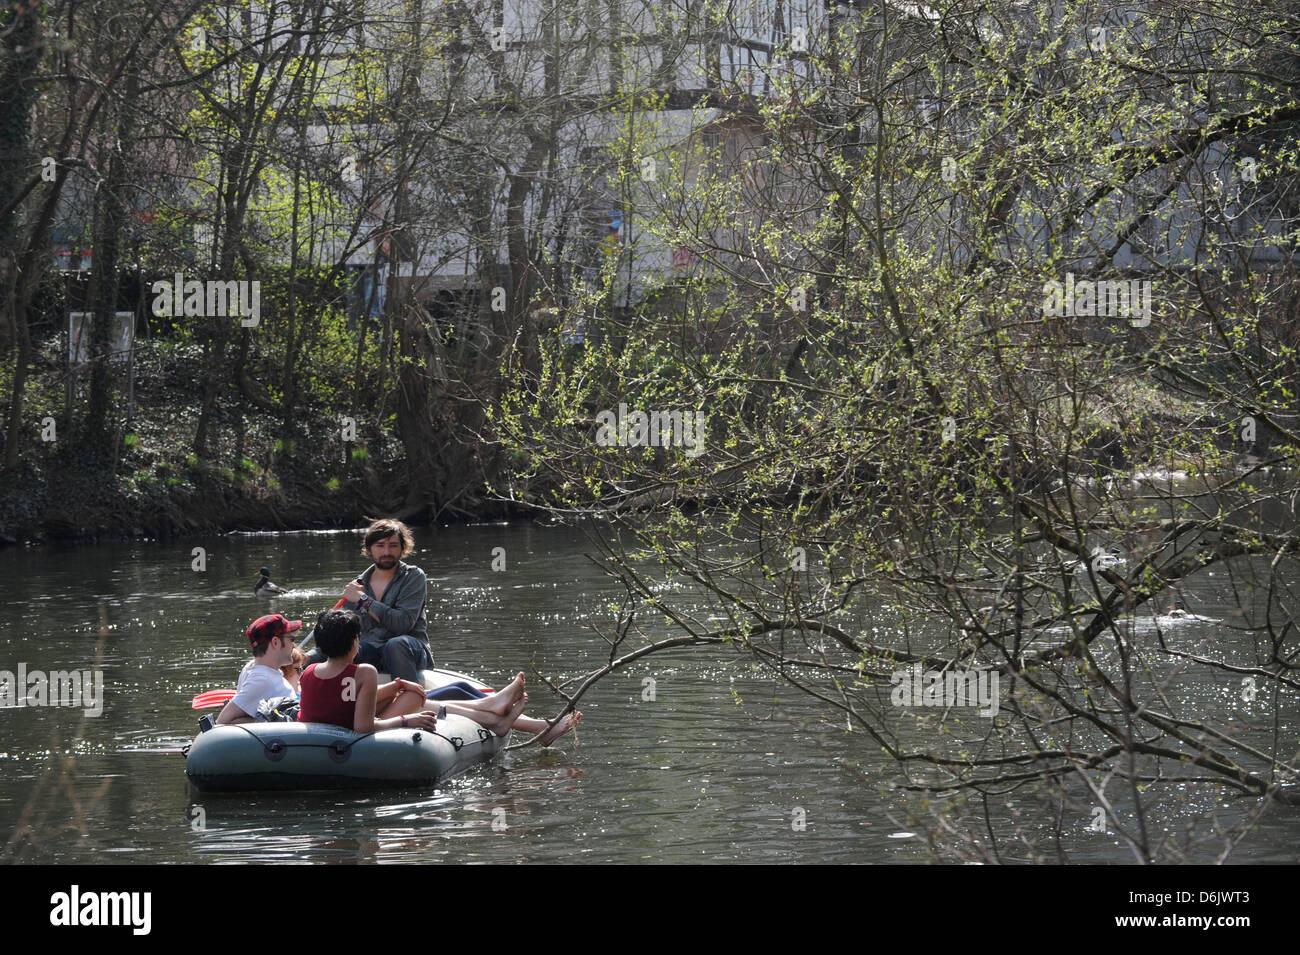 Giovani flottazione verso il basso del Lahn nel loro zattera in primavera meteo in Marburg, Germania, 27 marzo 2012. Immagini Stock